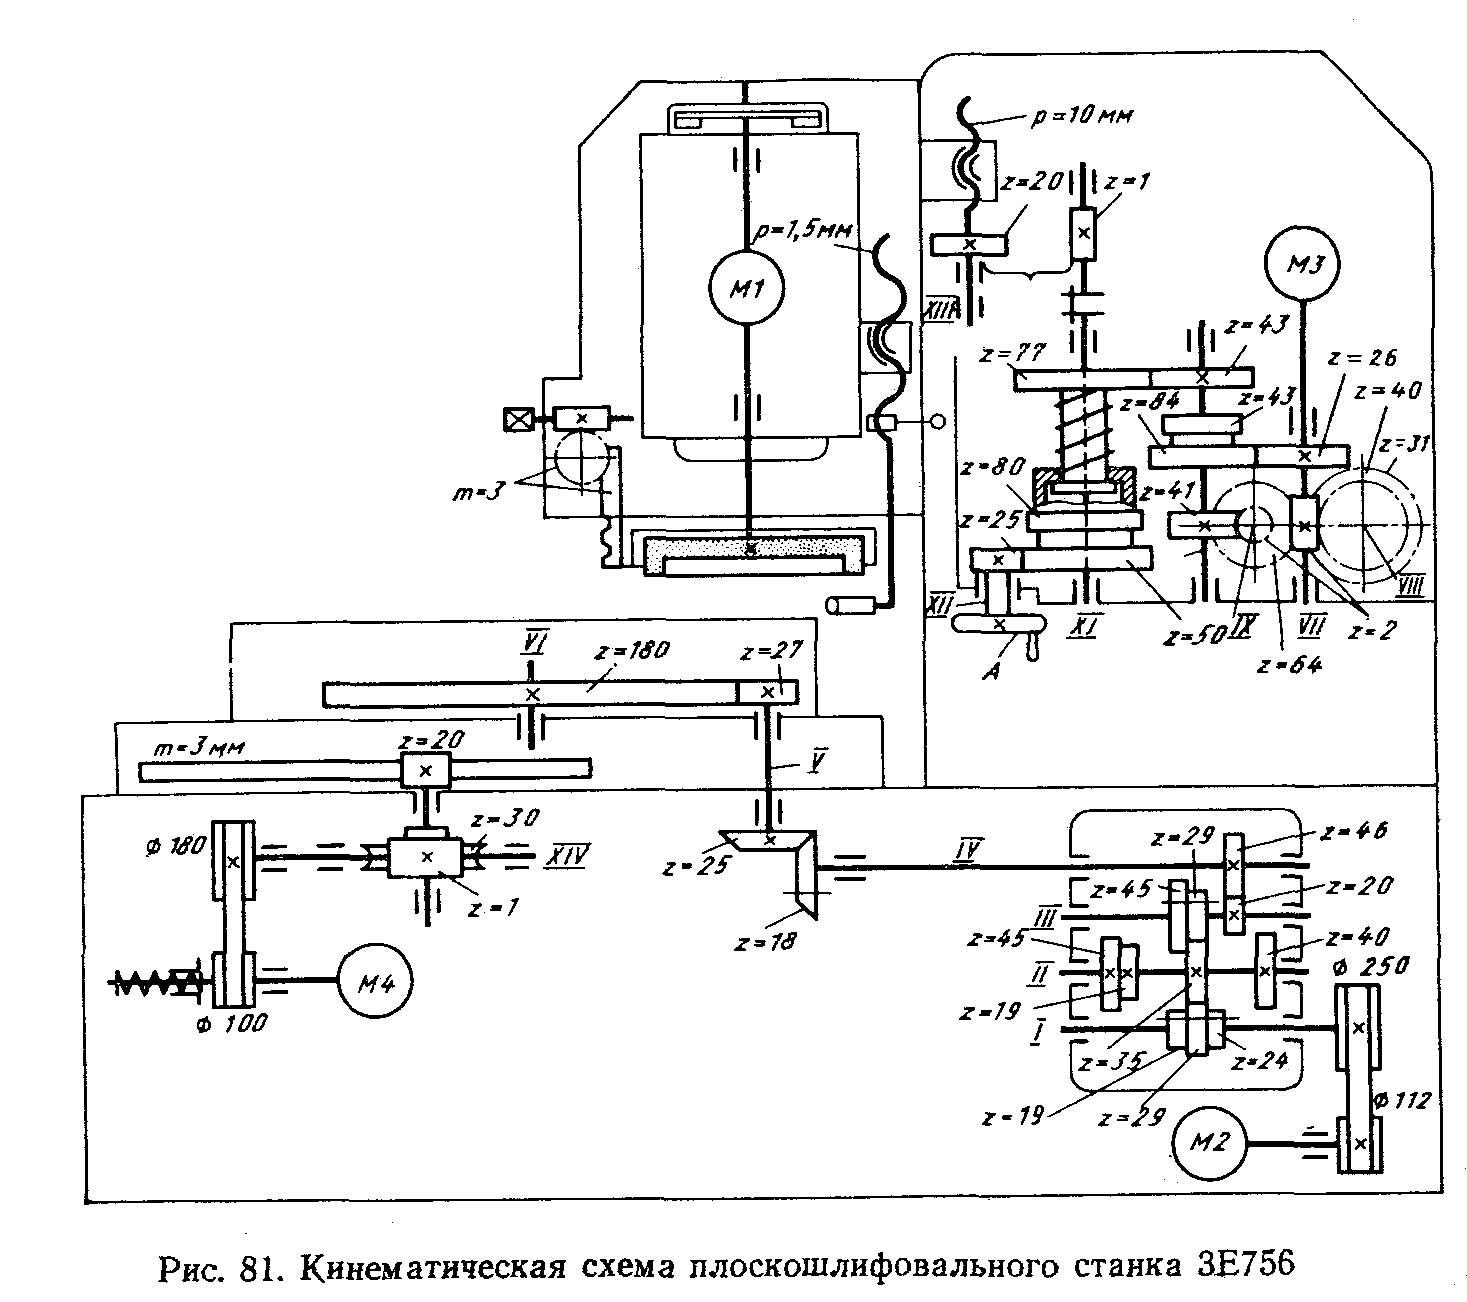 Как подобрать плоскошлифовальный станок (машинку)?